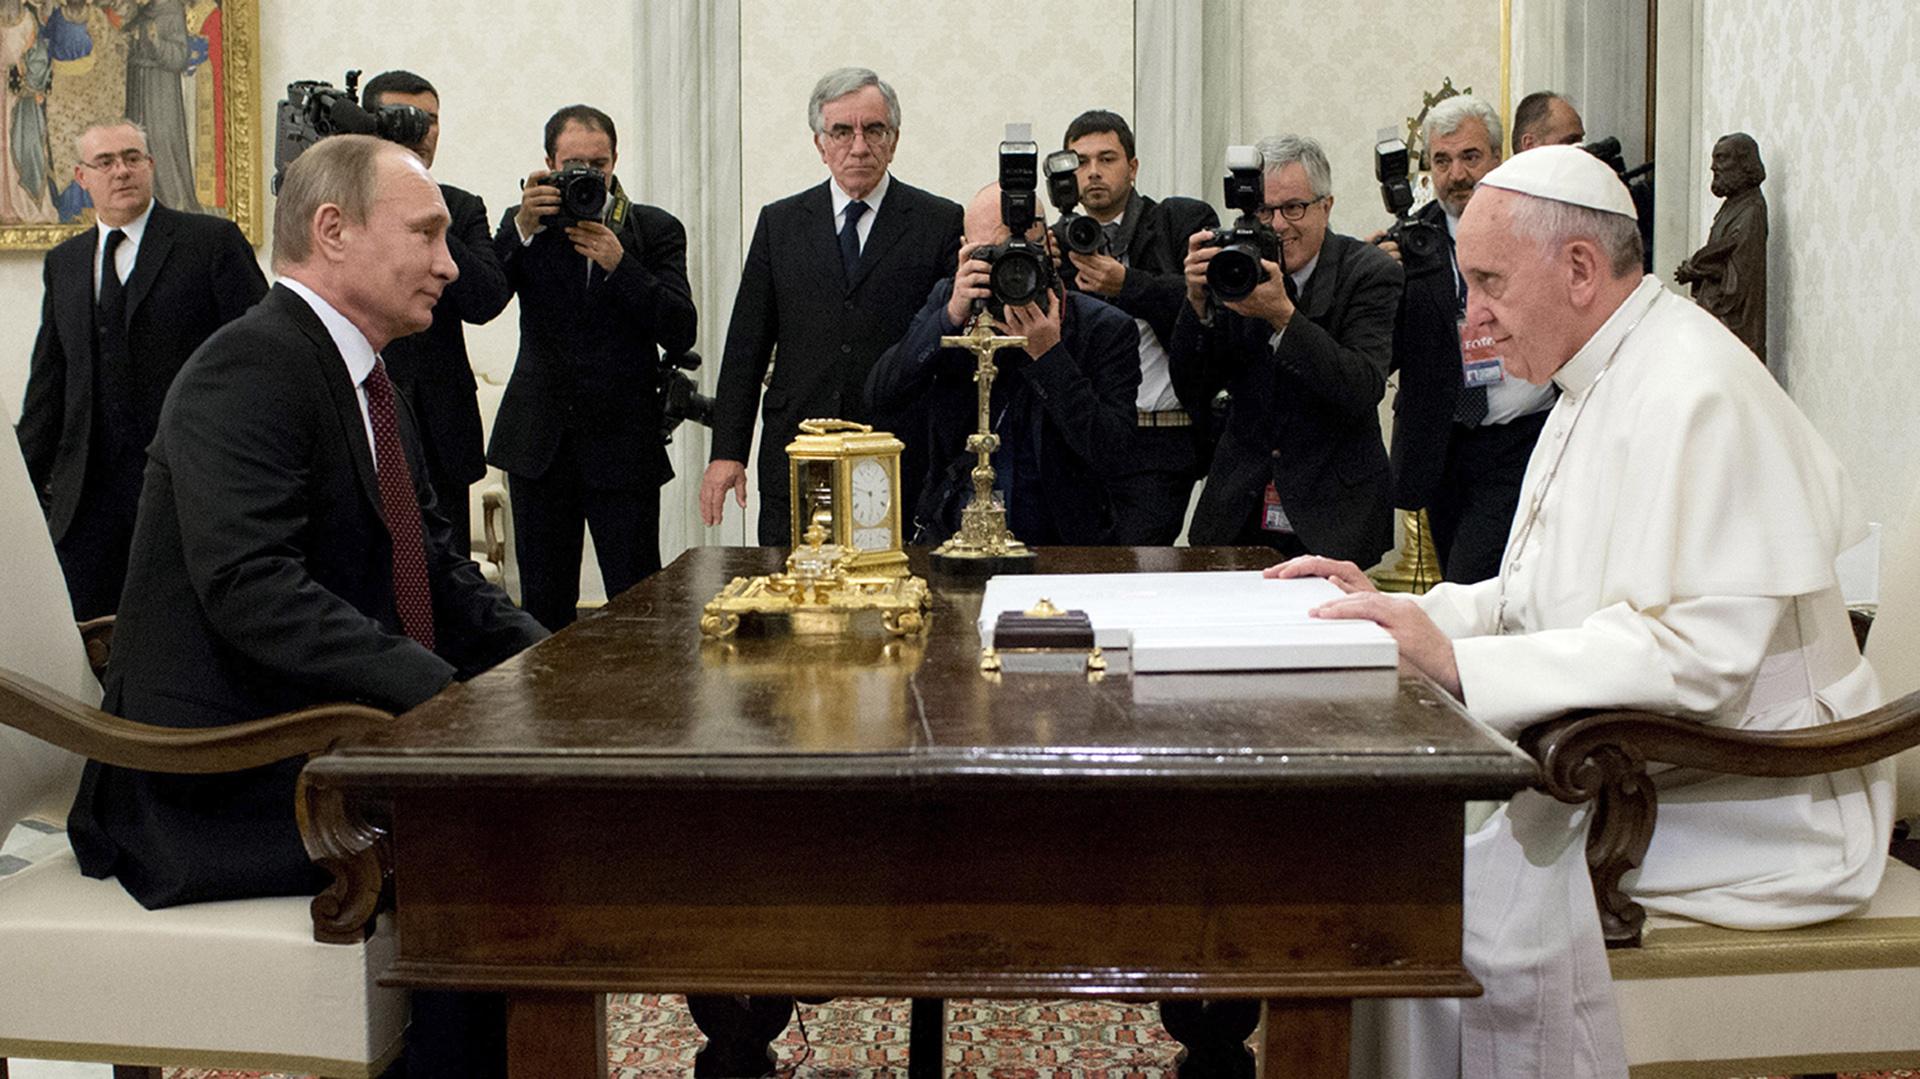 25 de noviembre de 2013: el papa Francisco recibe al presidente ruso Vladimir Putin en el Vaticano